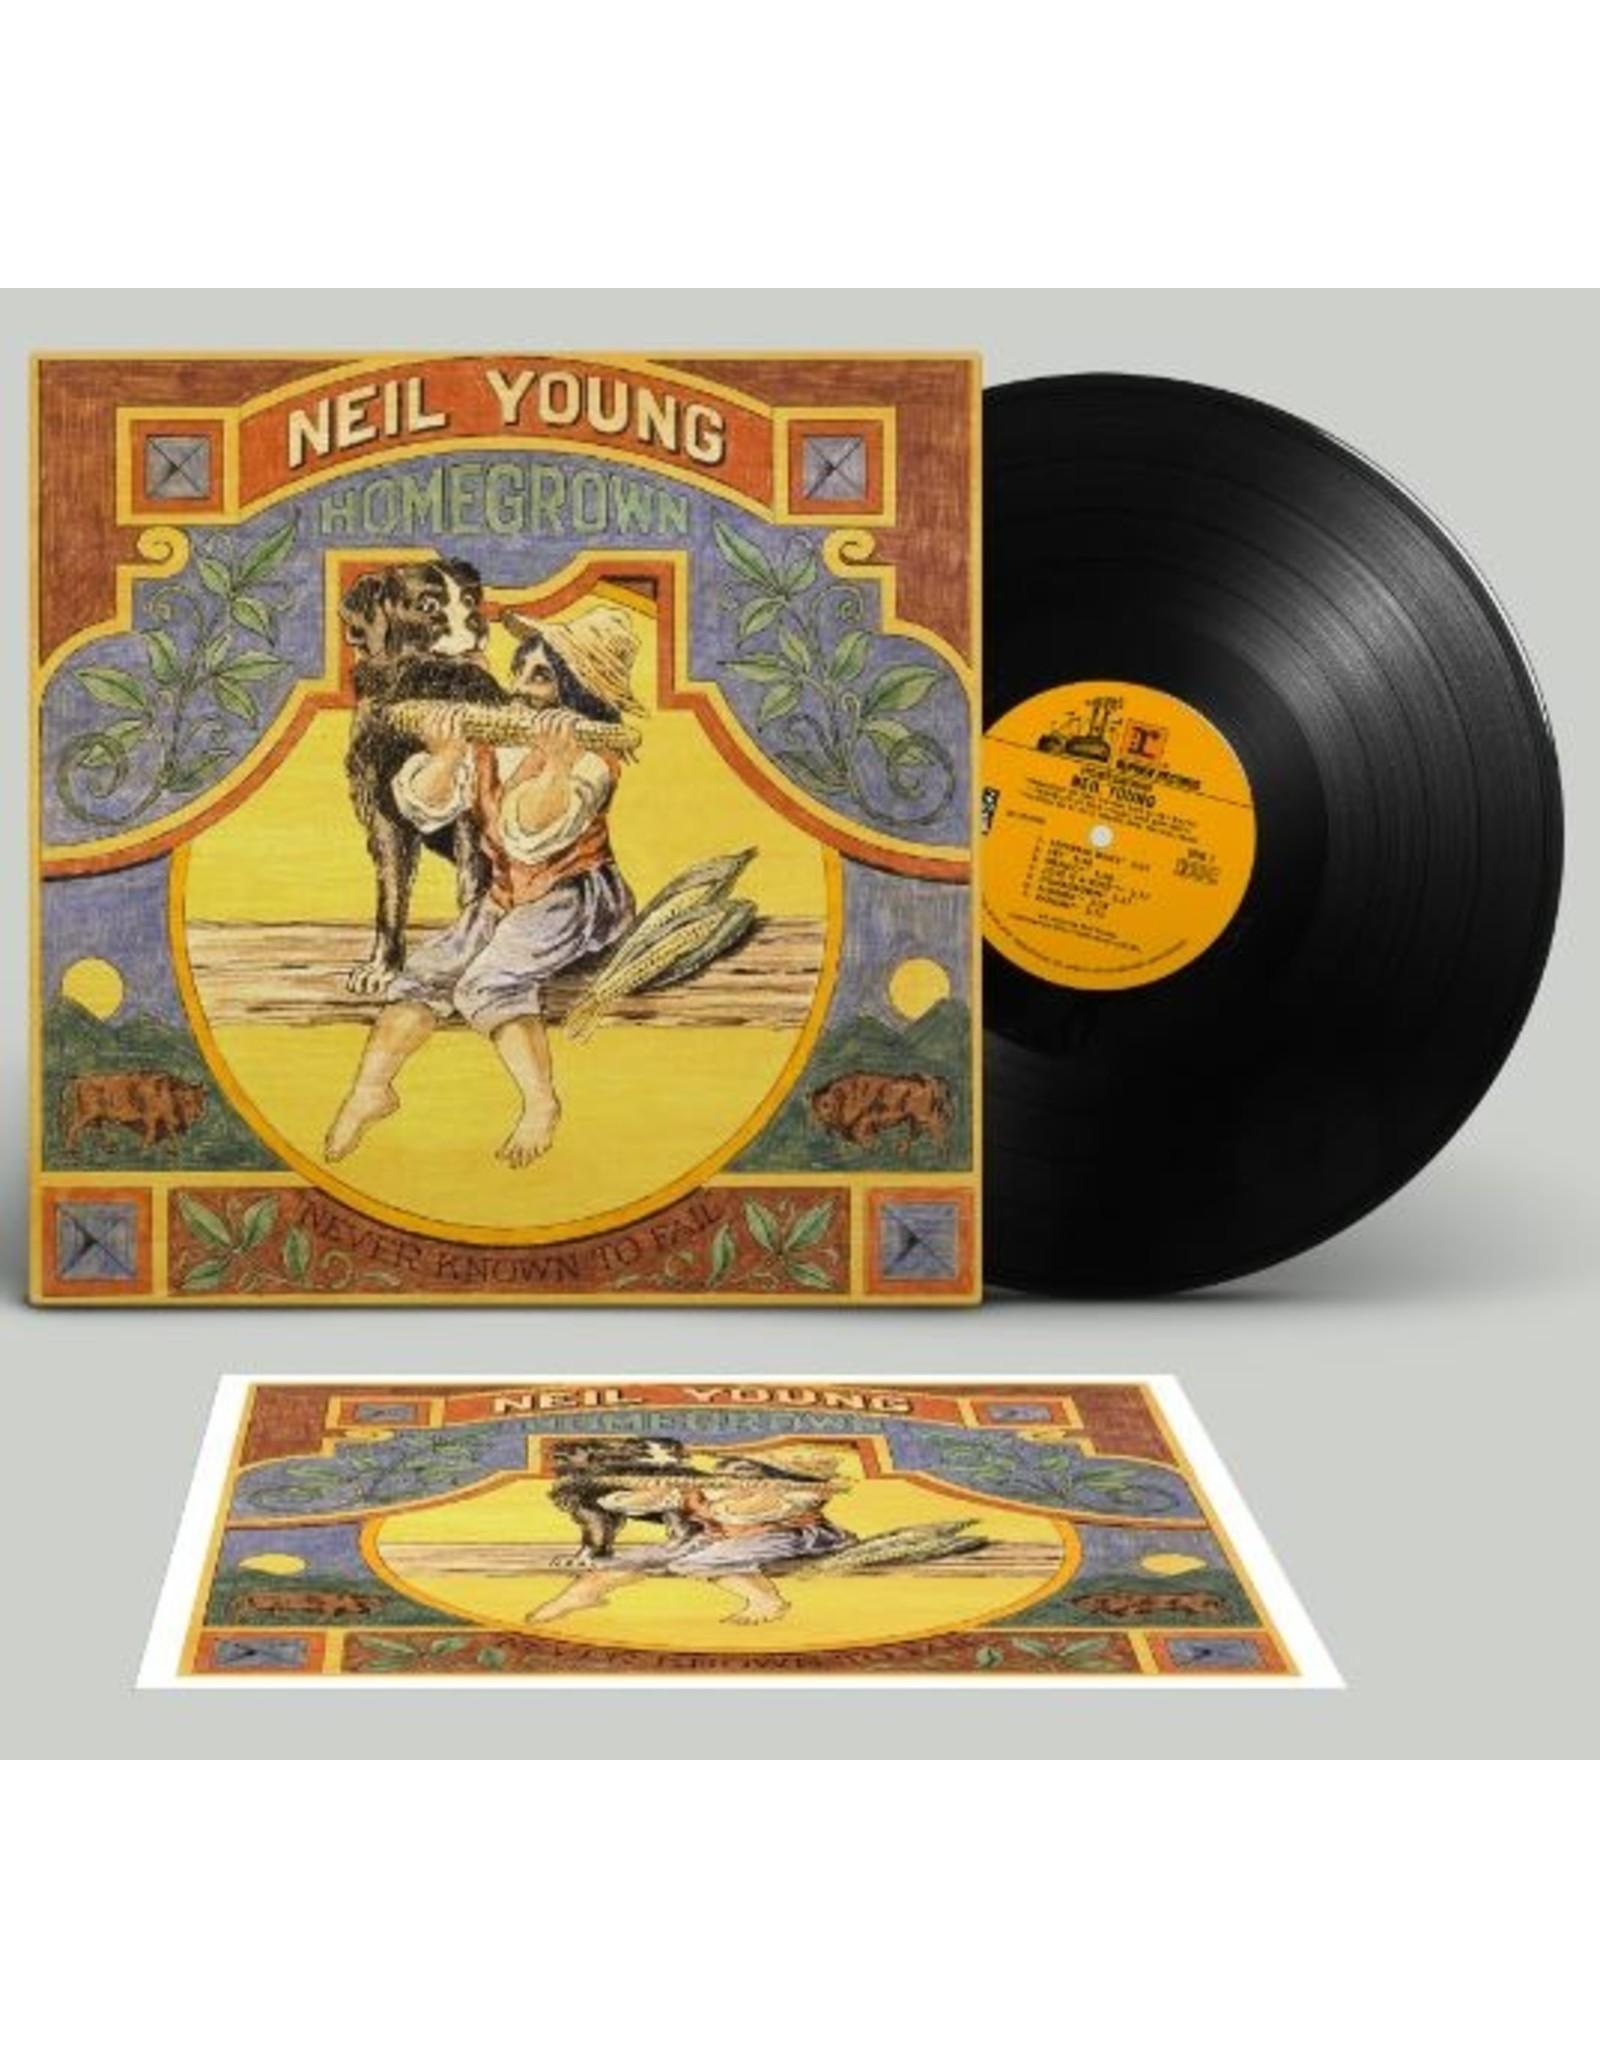 New Vinyl Neil Young - Homegrown LP